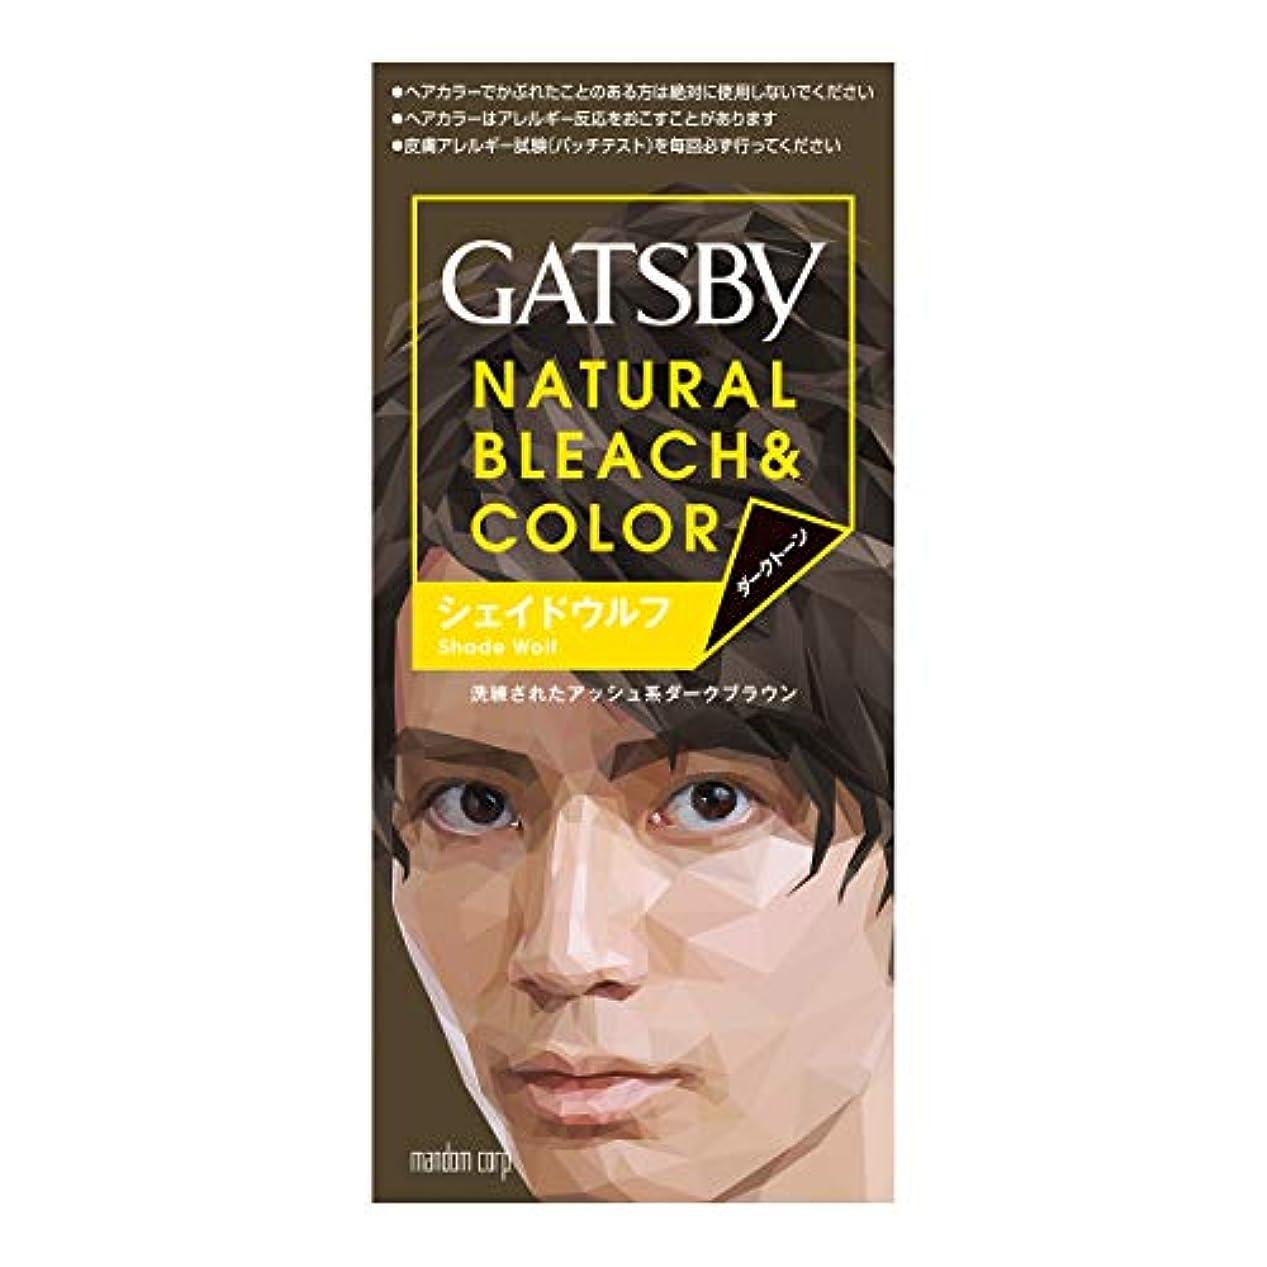 結果として累計叫び声GATSBY(ギャツビー) ナチュラルブリーチカラー シェイドウルフ 1剤35g 2剤70mL (医薬部外品)